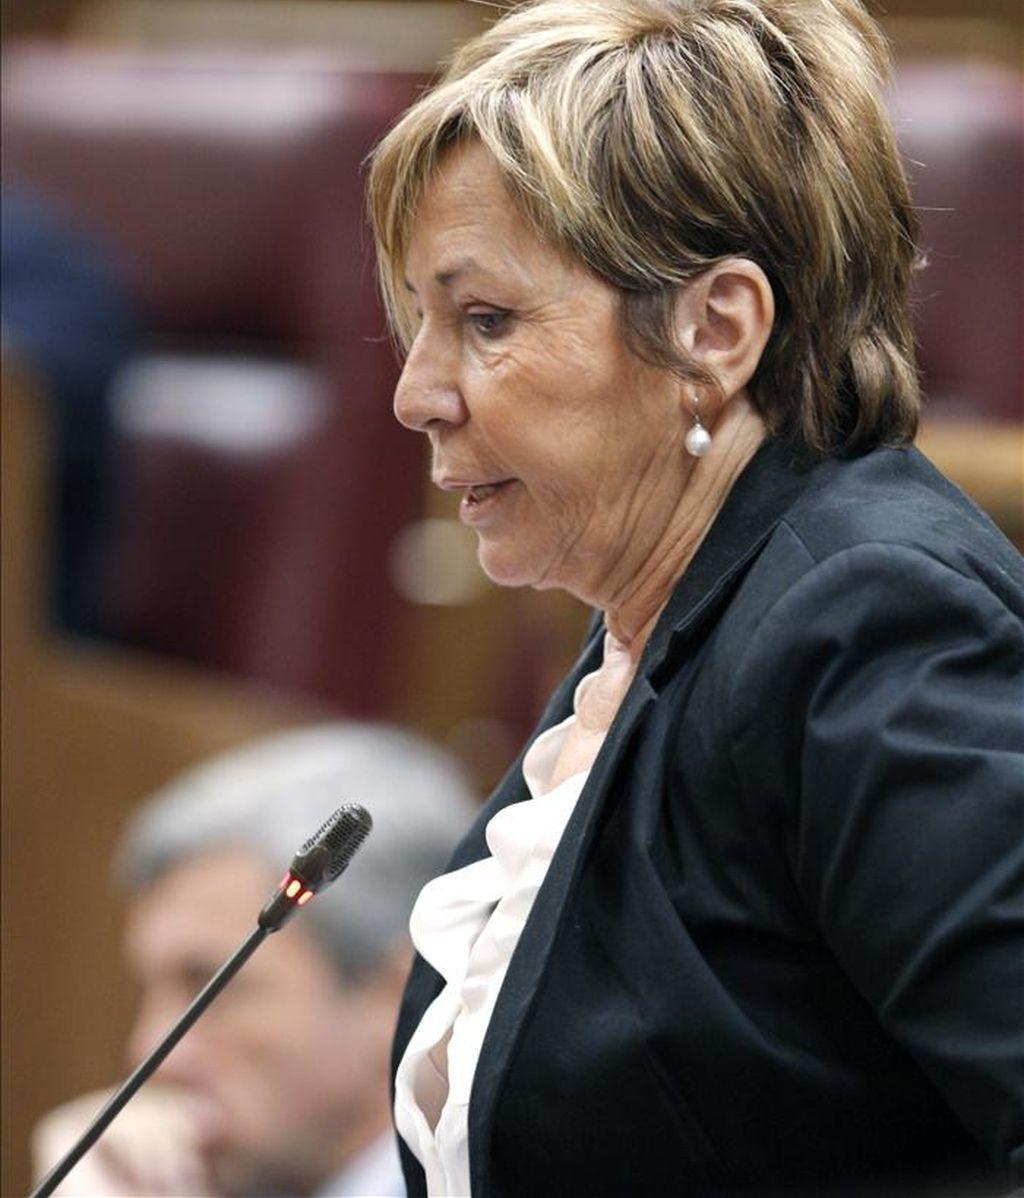 La diputada del PP e integrante de la Mesa del Congreso Celia Villalobos. EFE/Archivo